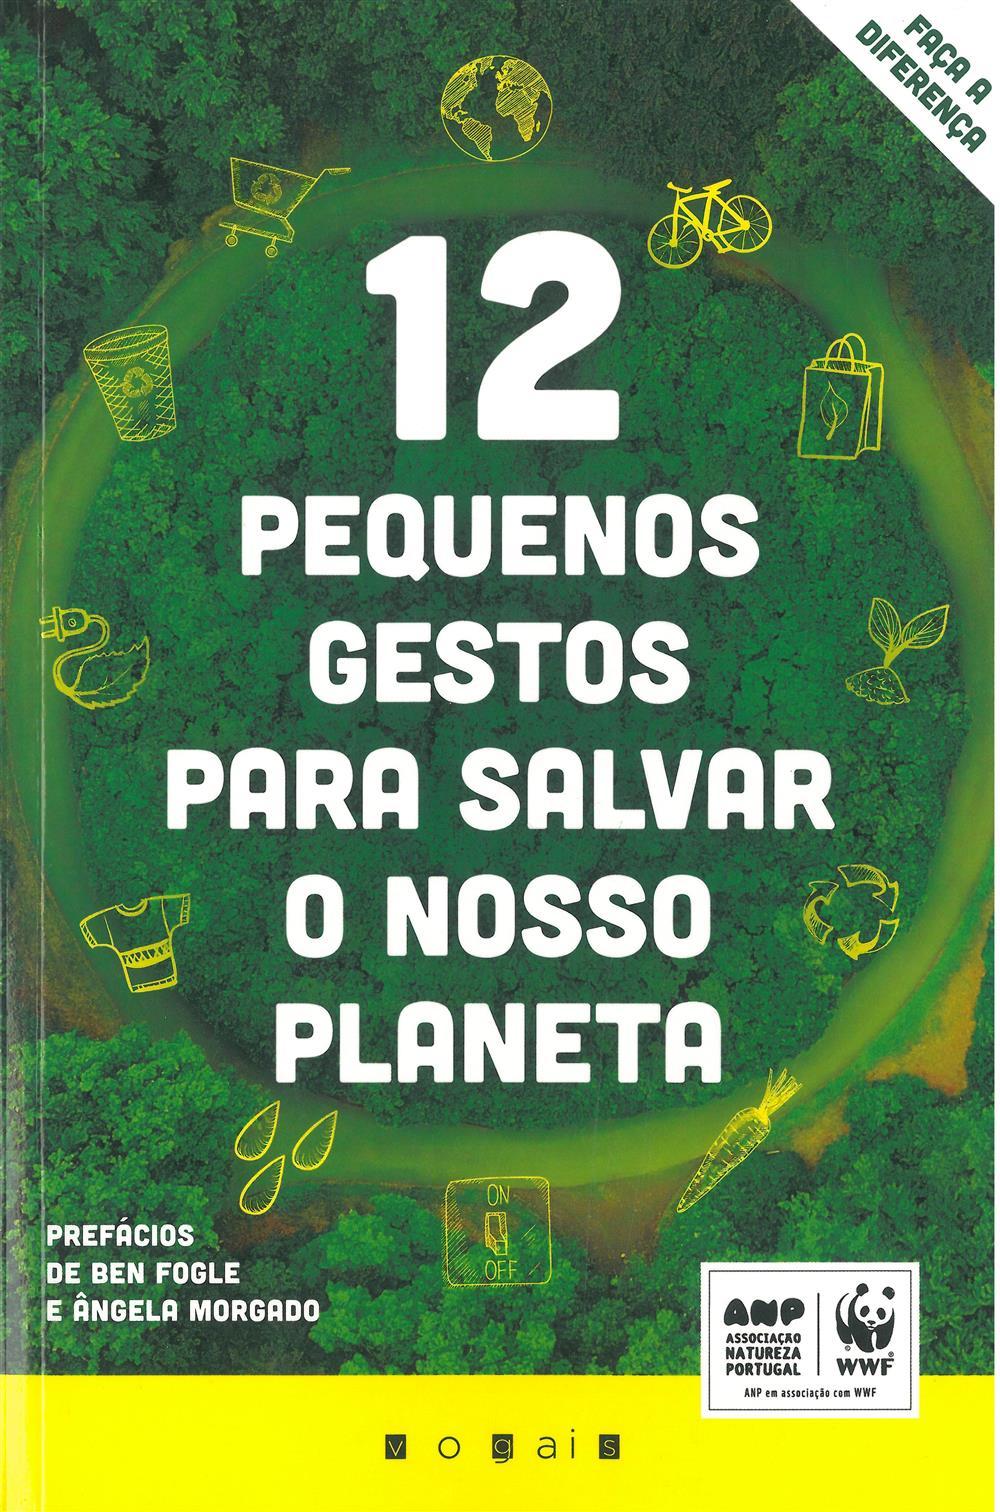 12 pequenos gestos para salvar o nosso planeta.jpg